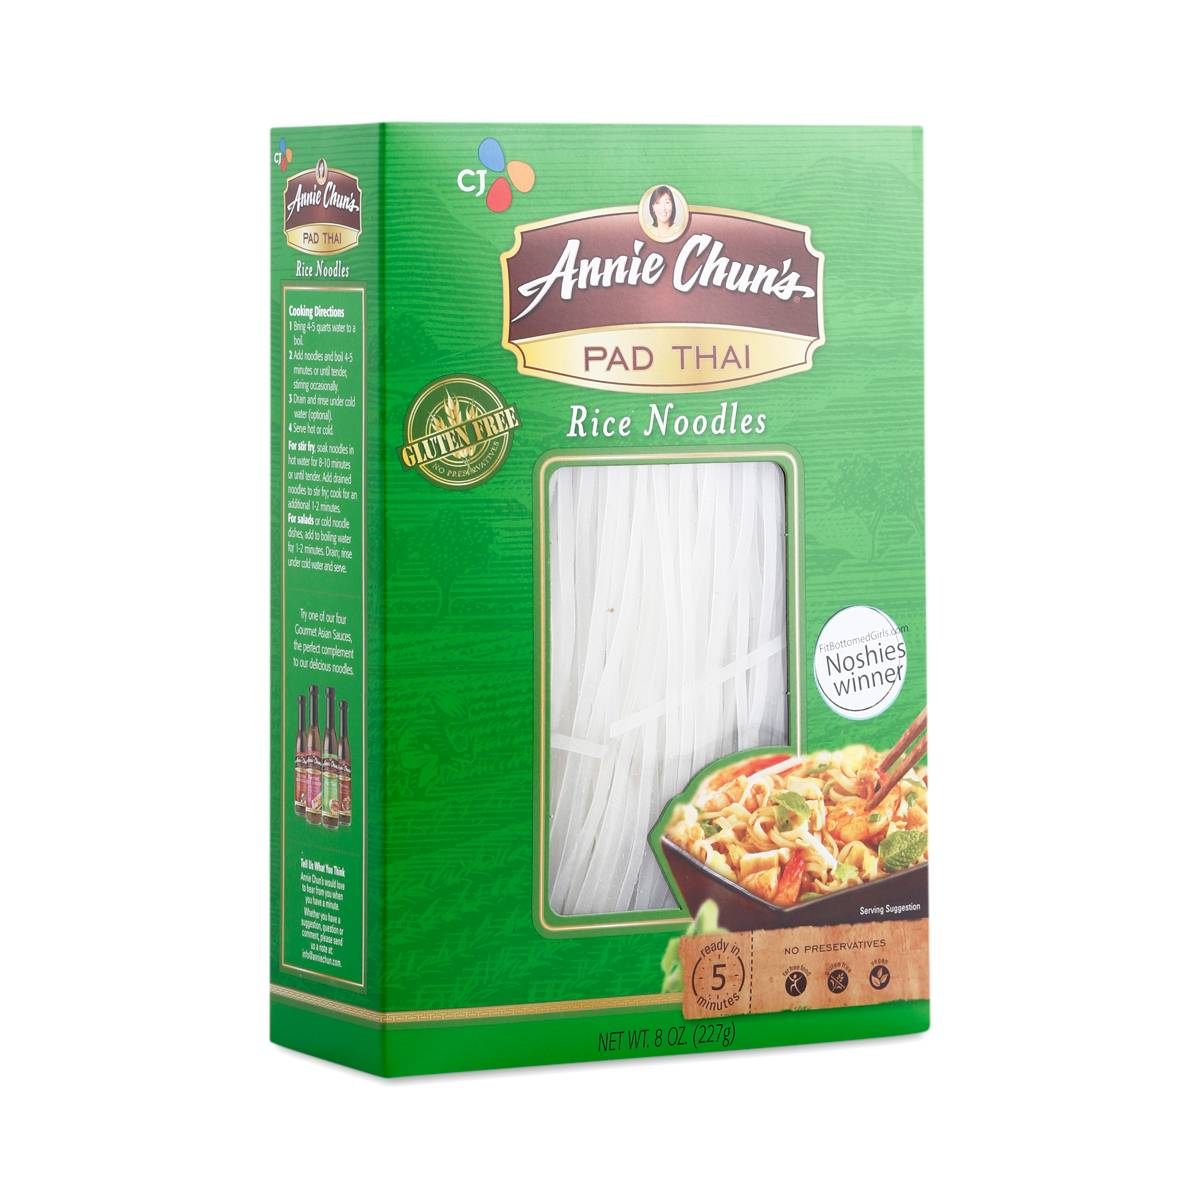 Pad Thai Rice Noodles by Annie Chun's - Thrive Market